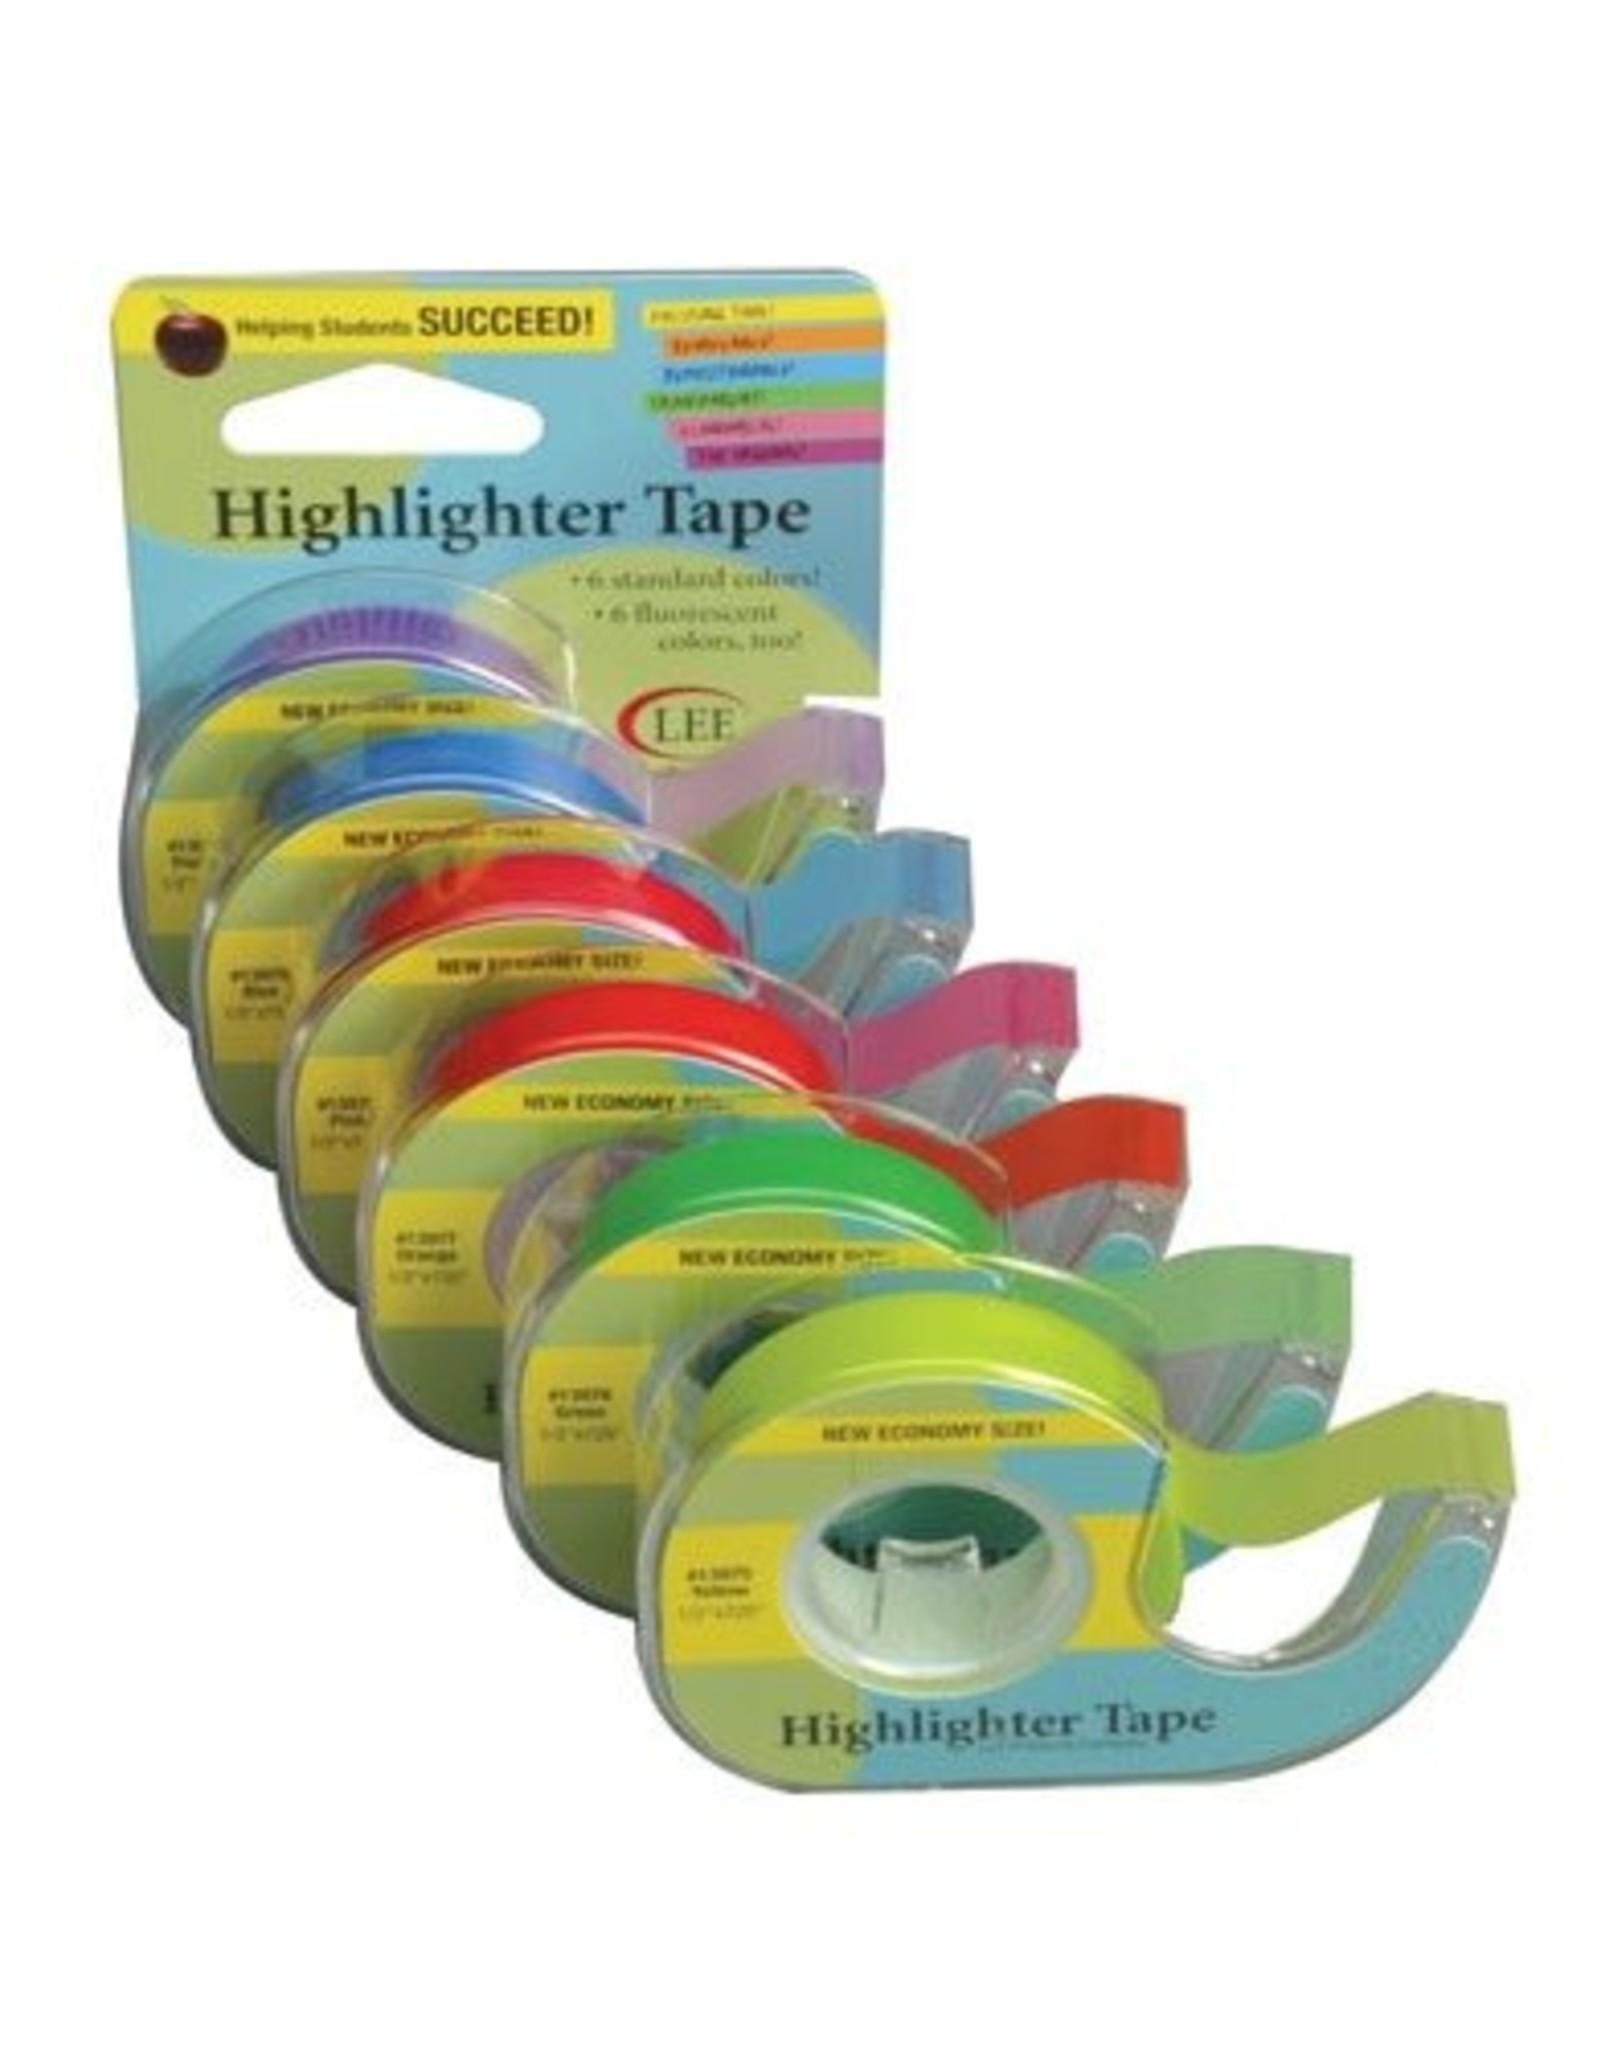 Highlighter Tape blue